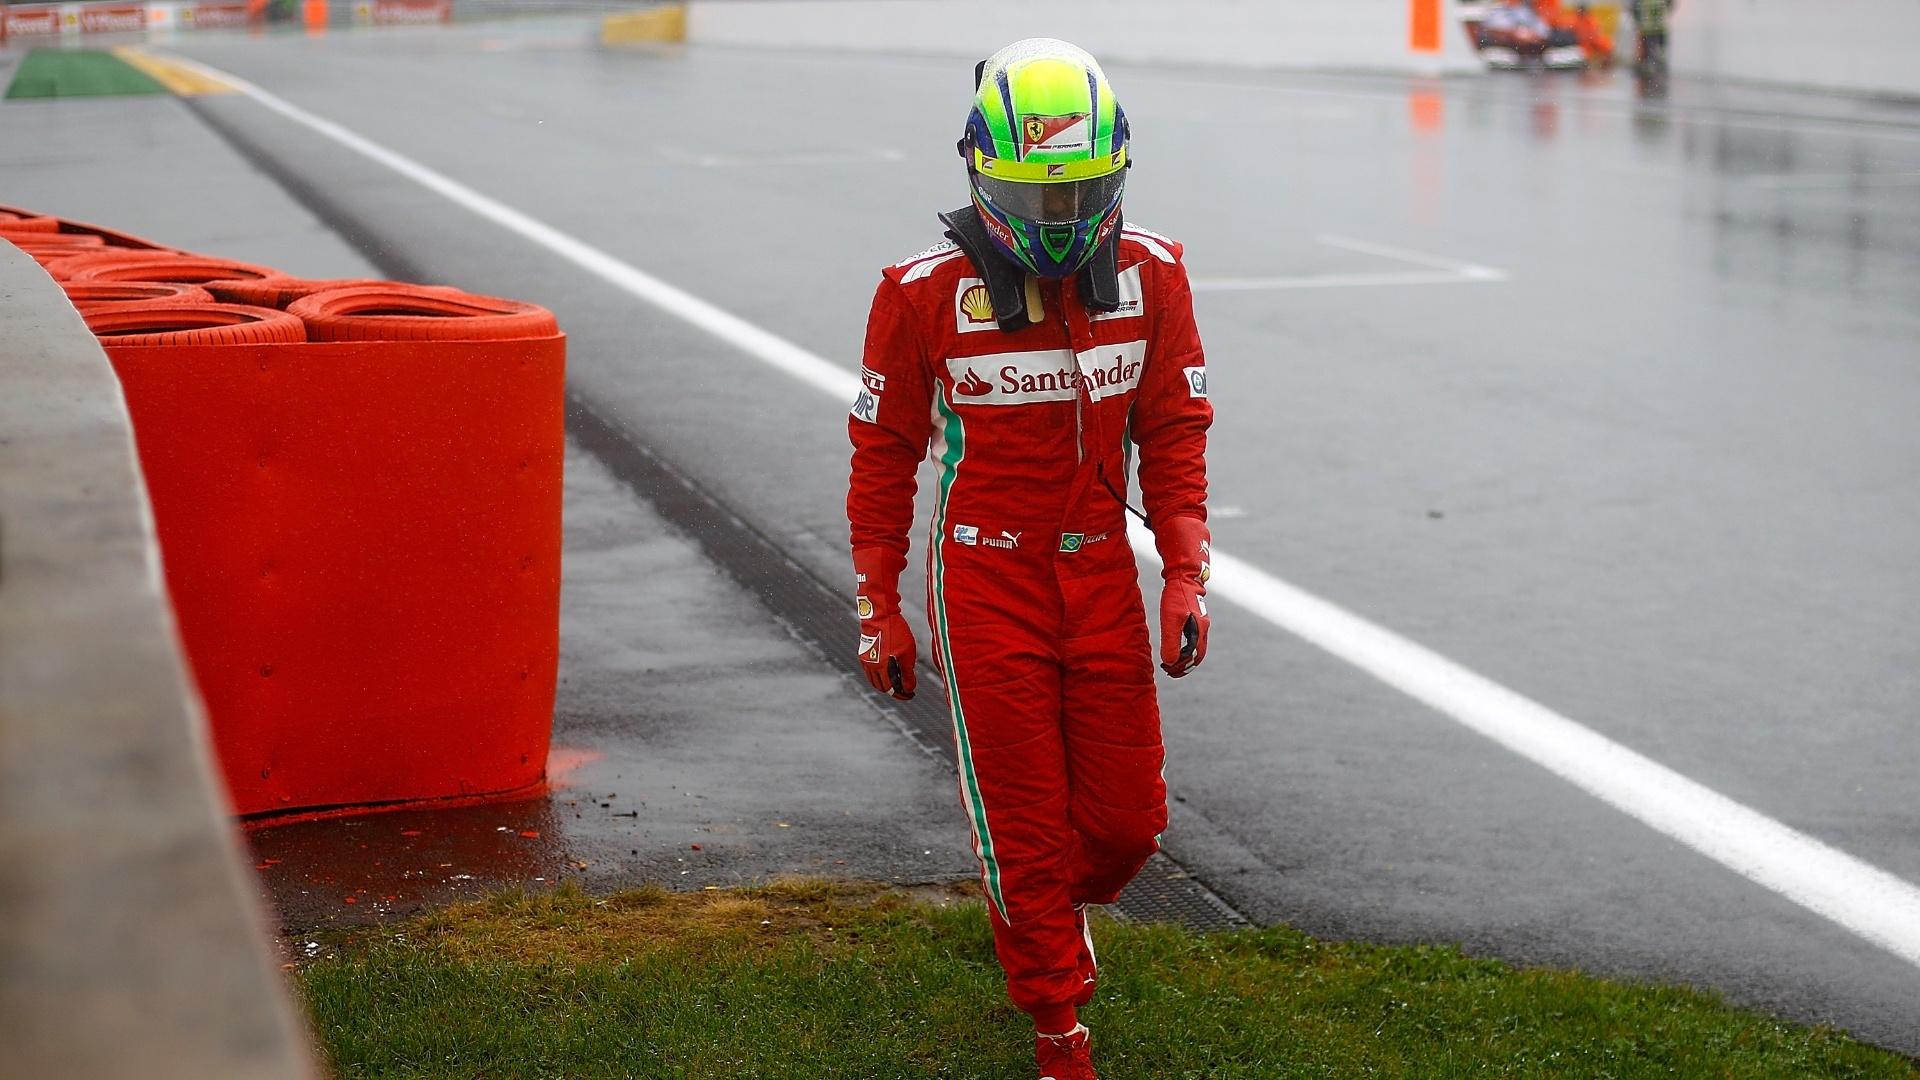 Felipe Massa volta caminhando para os boxes após ir para a pista; seu carro quebrou em uma das poucas voltas que conseguiu dar no circuito de Spa